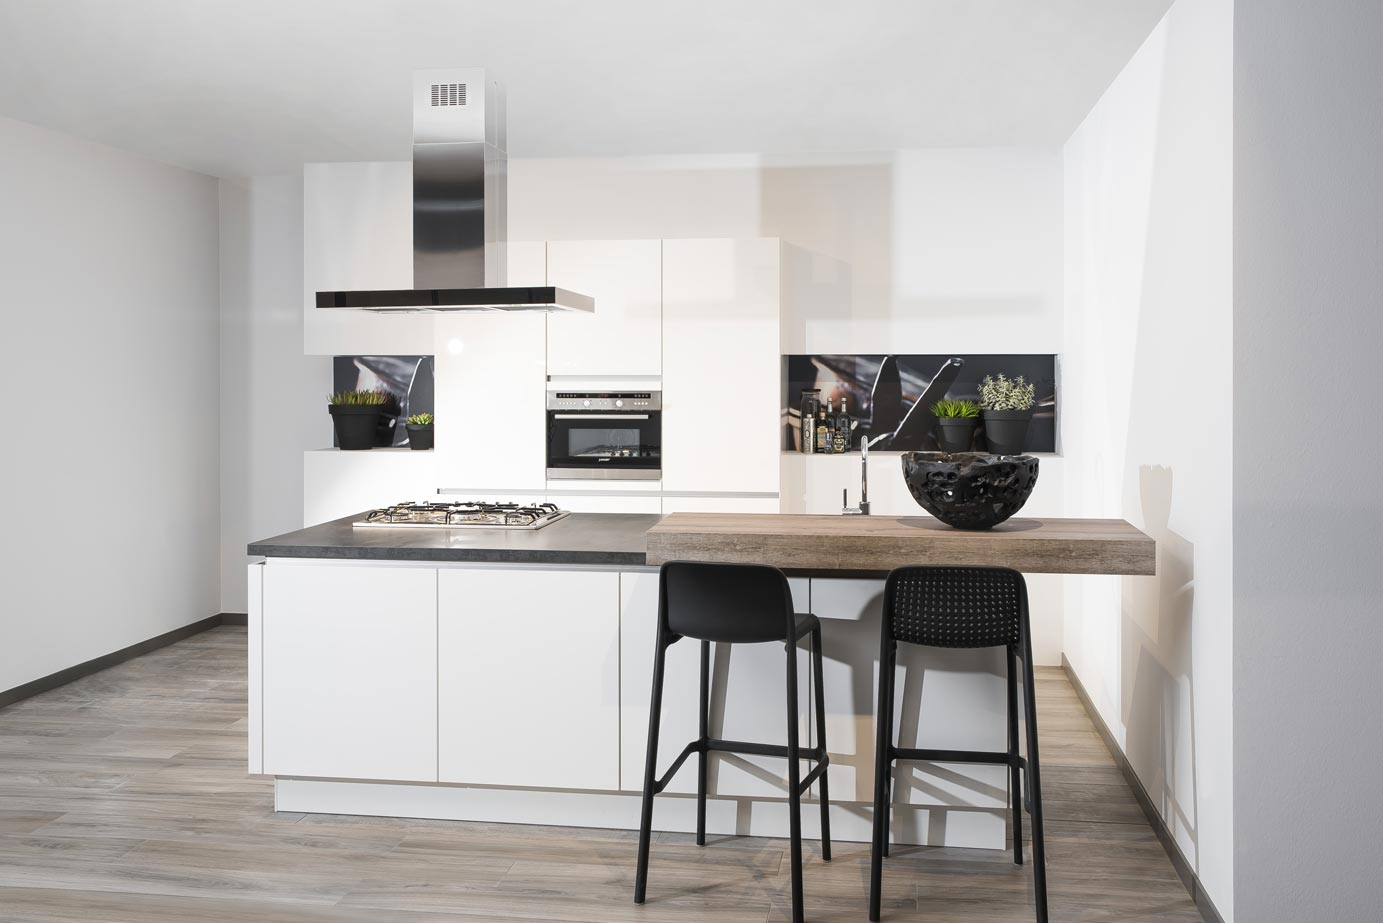 Goedkope Design Keuken : Onze goedkope keukens hoge kwaliteit voor lage prijzen adee